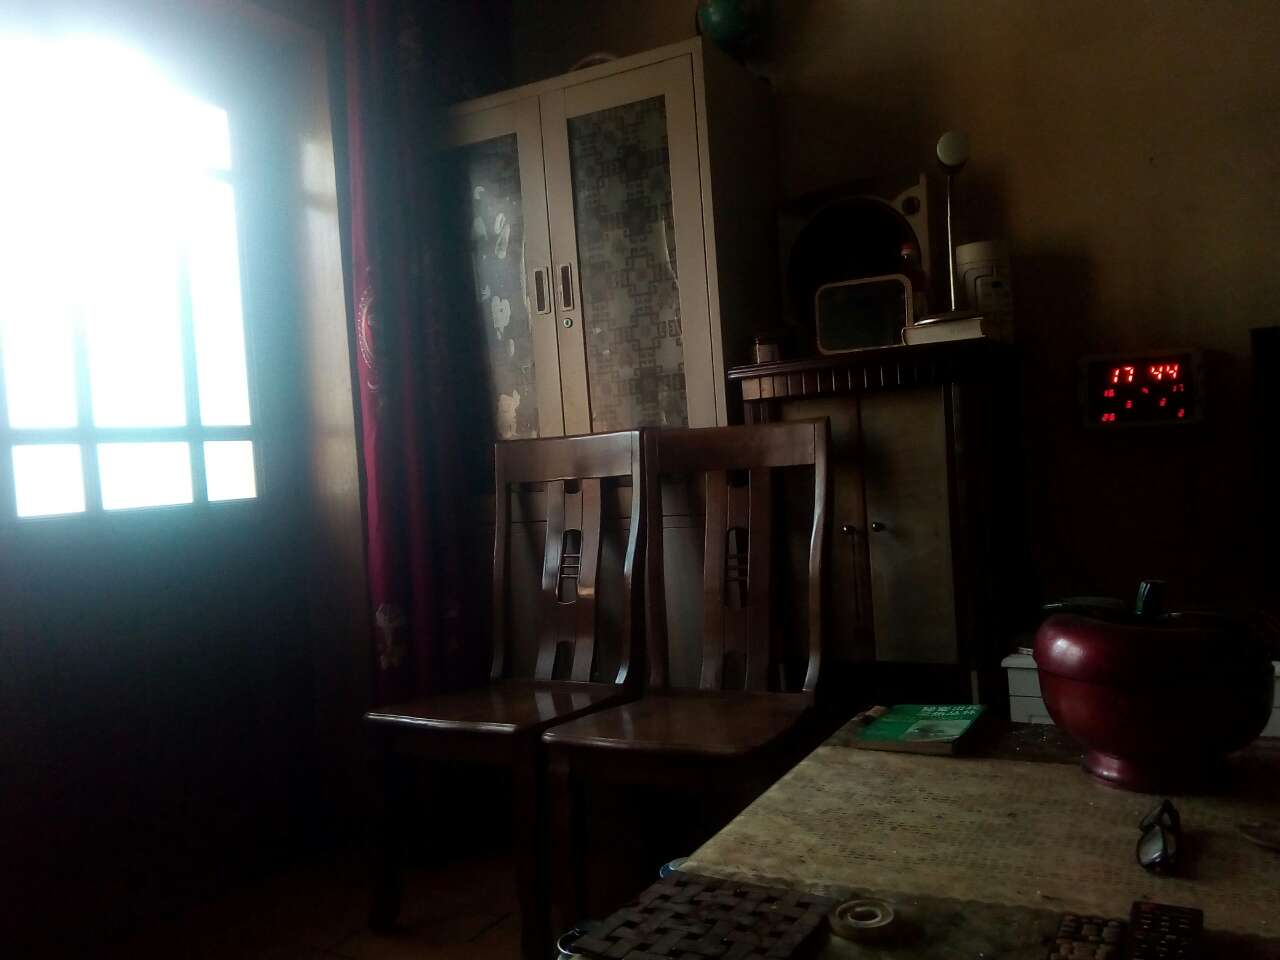 清晨阳光洒进室内